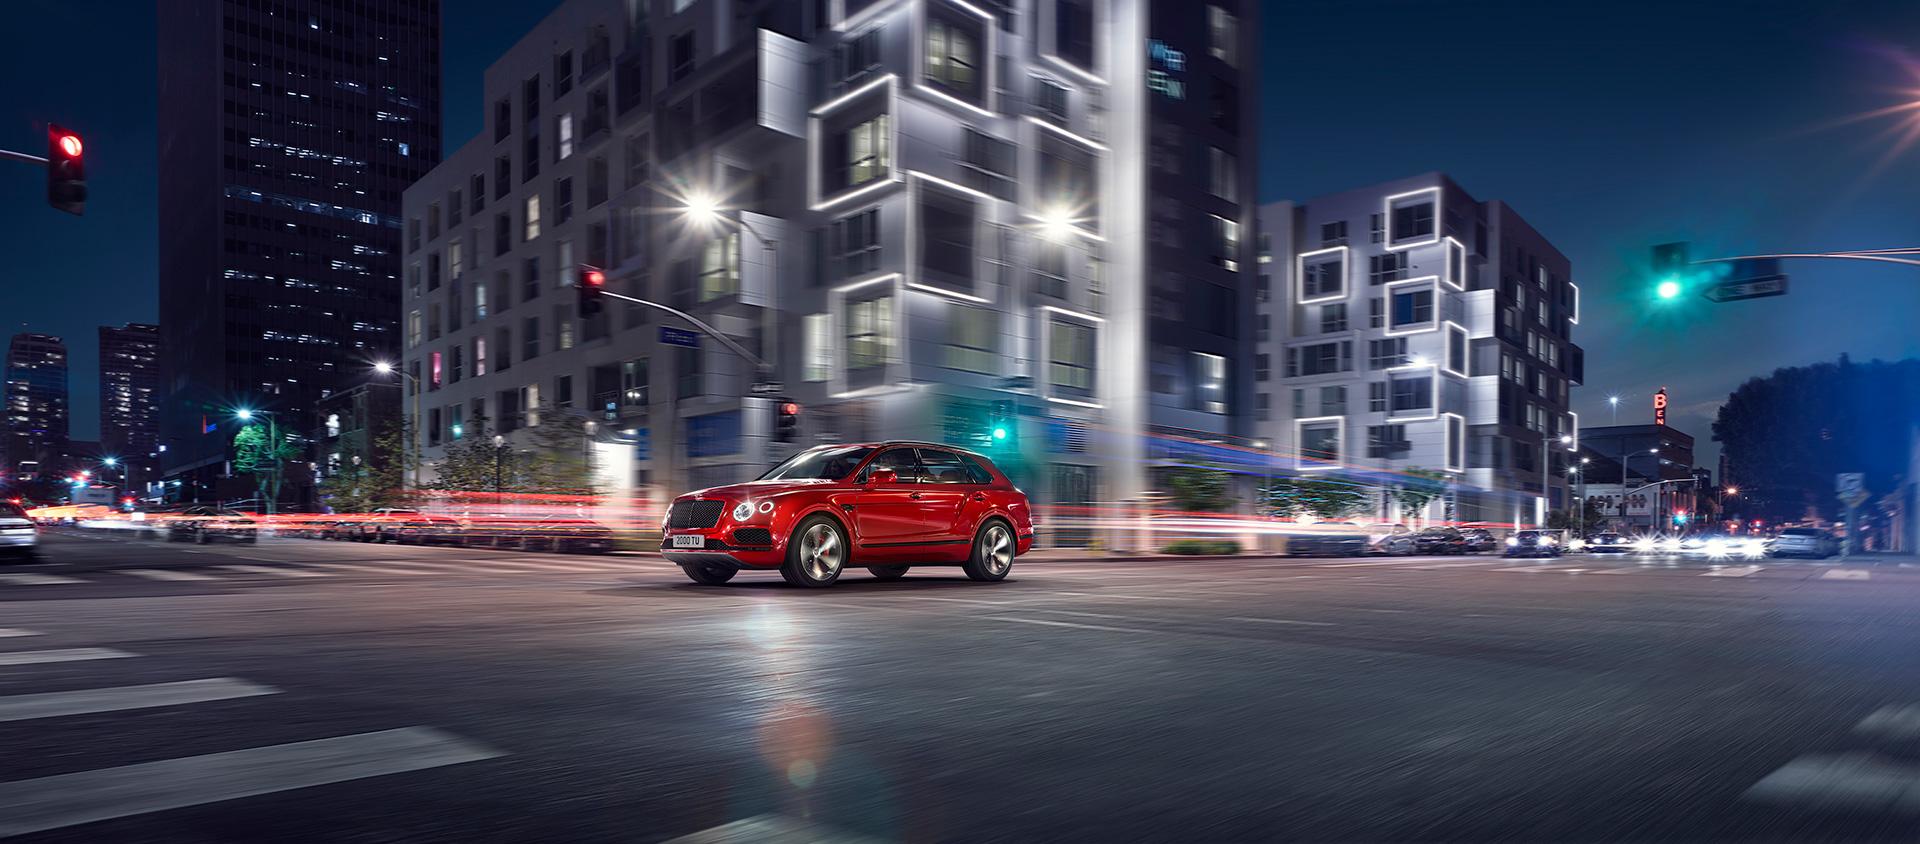 автомобиль Bentayga V8 дополнен самыми современными системами помощи водителю и информационно-развлекательными технологиями